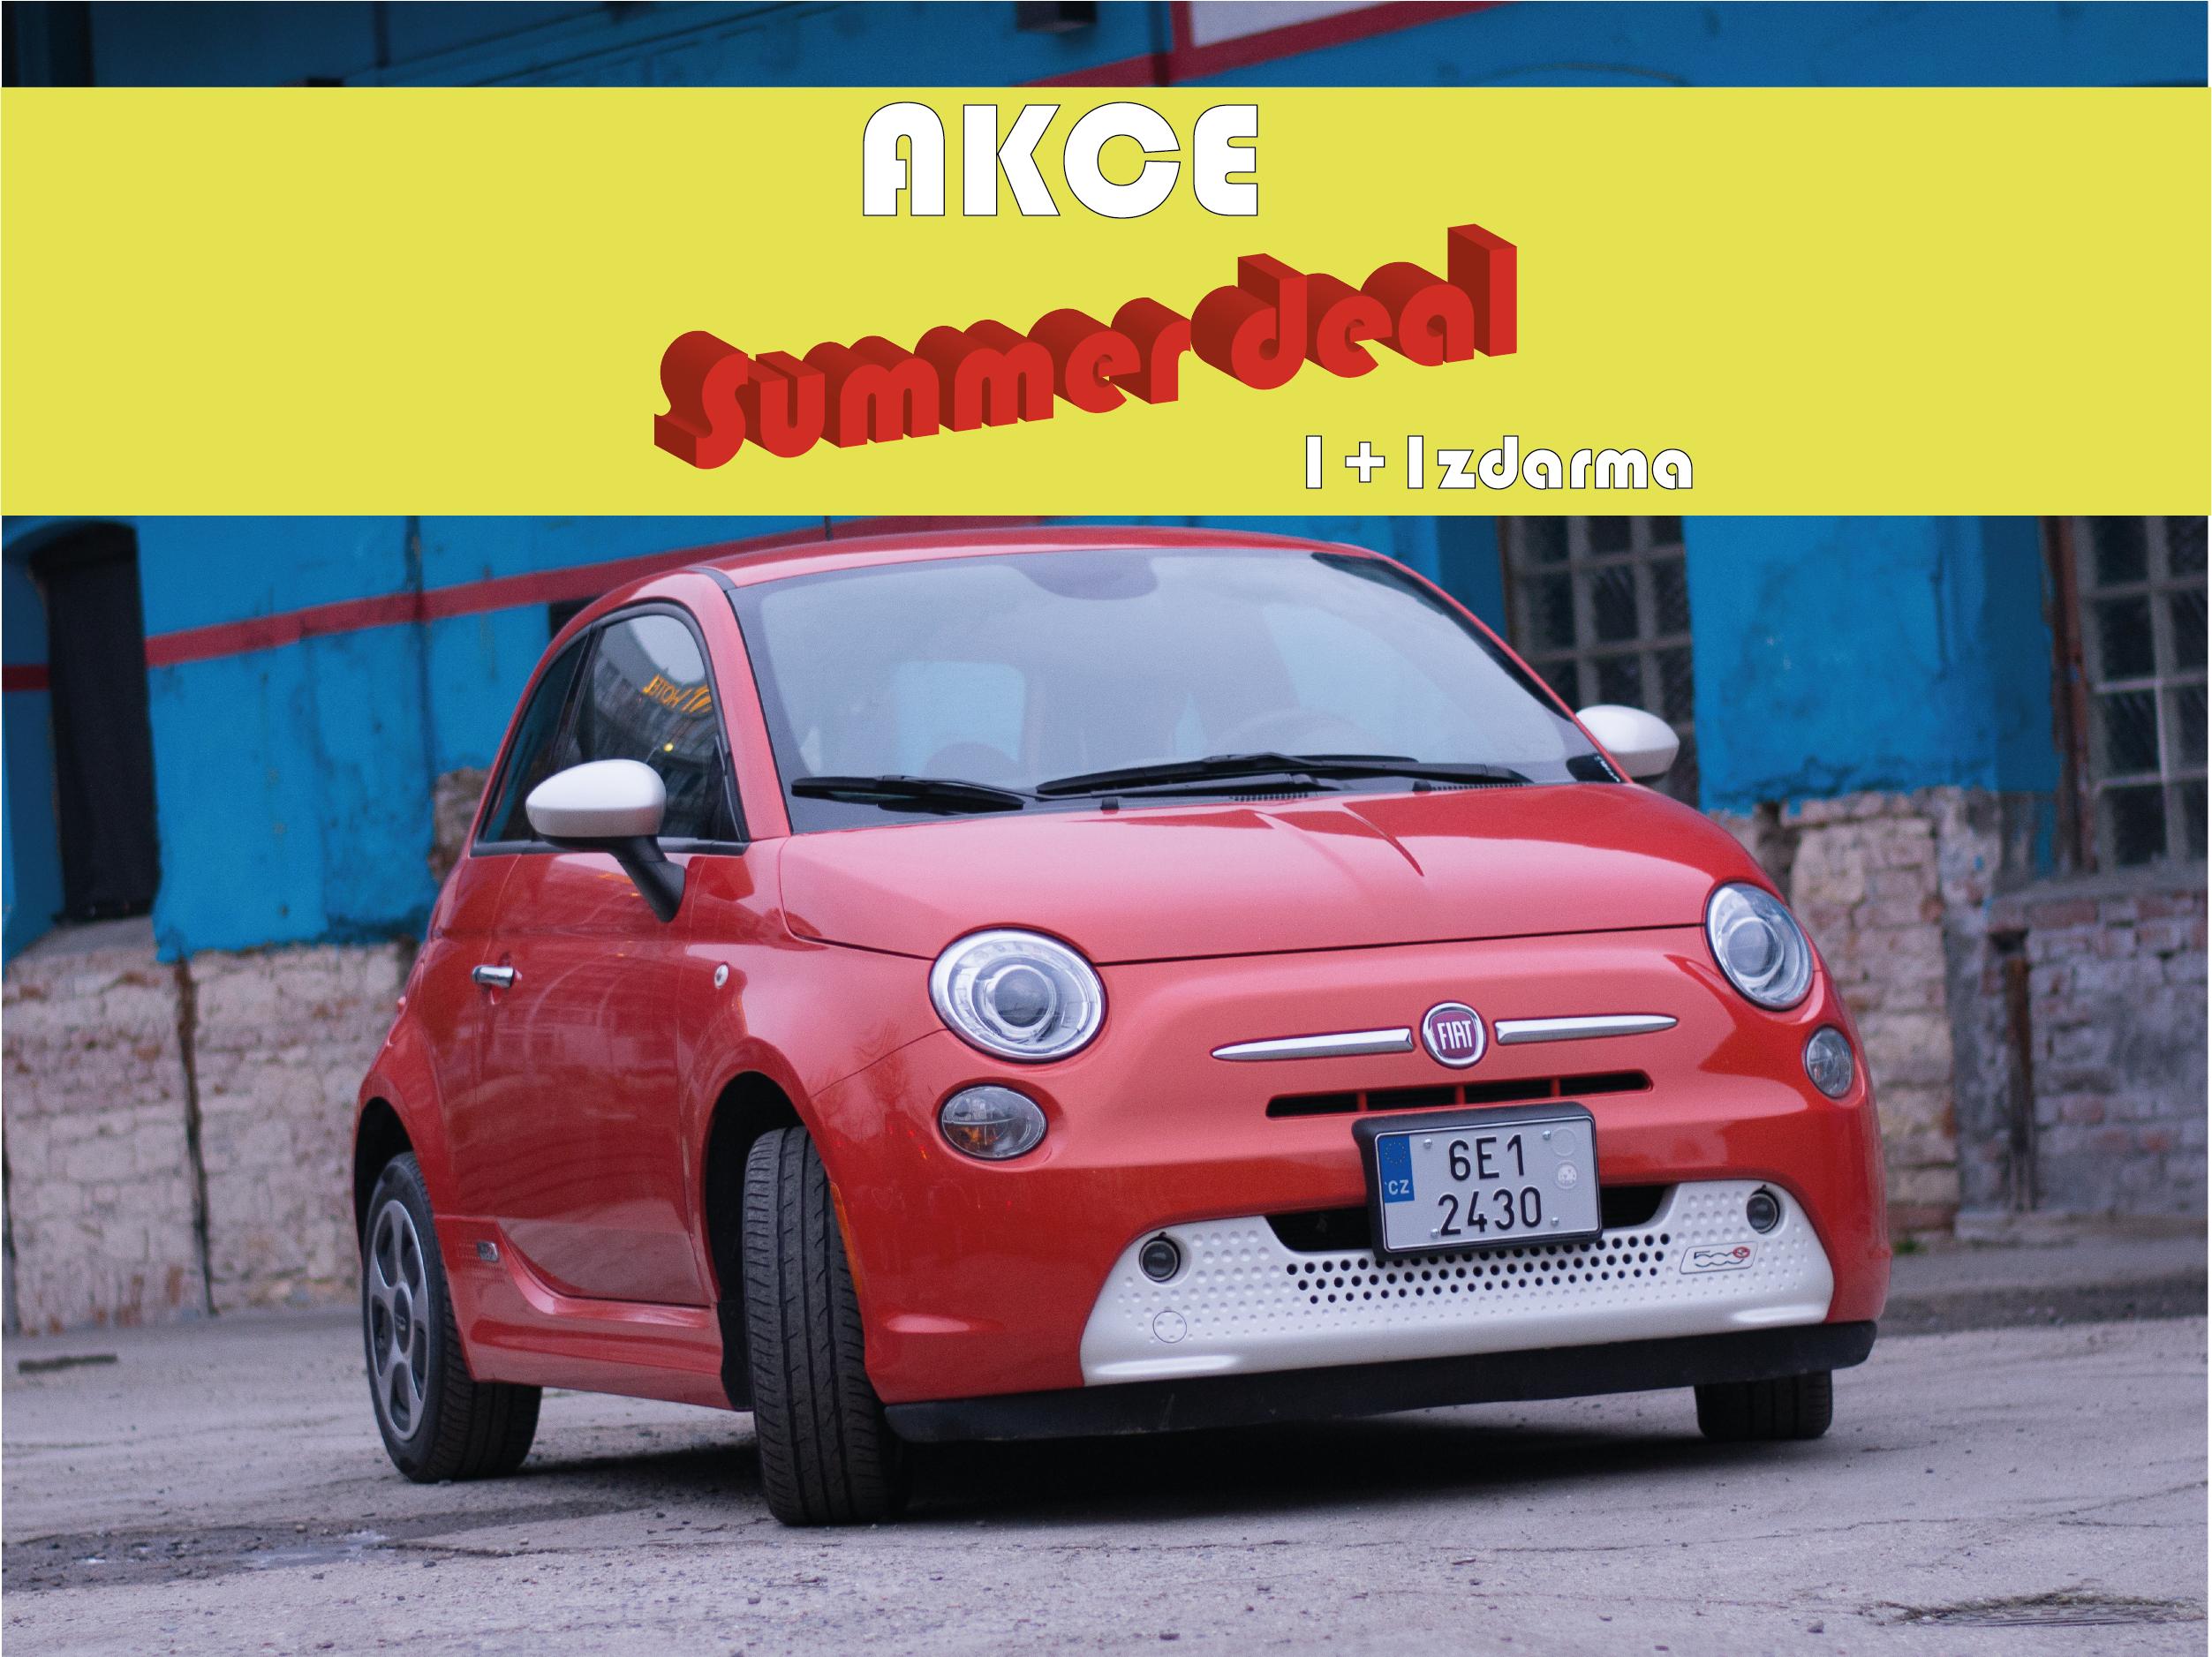 Akce Summer deal